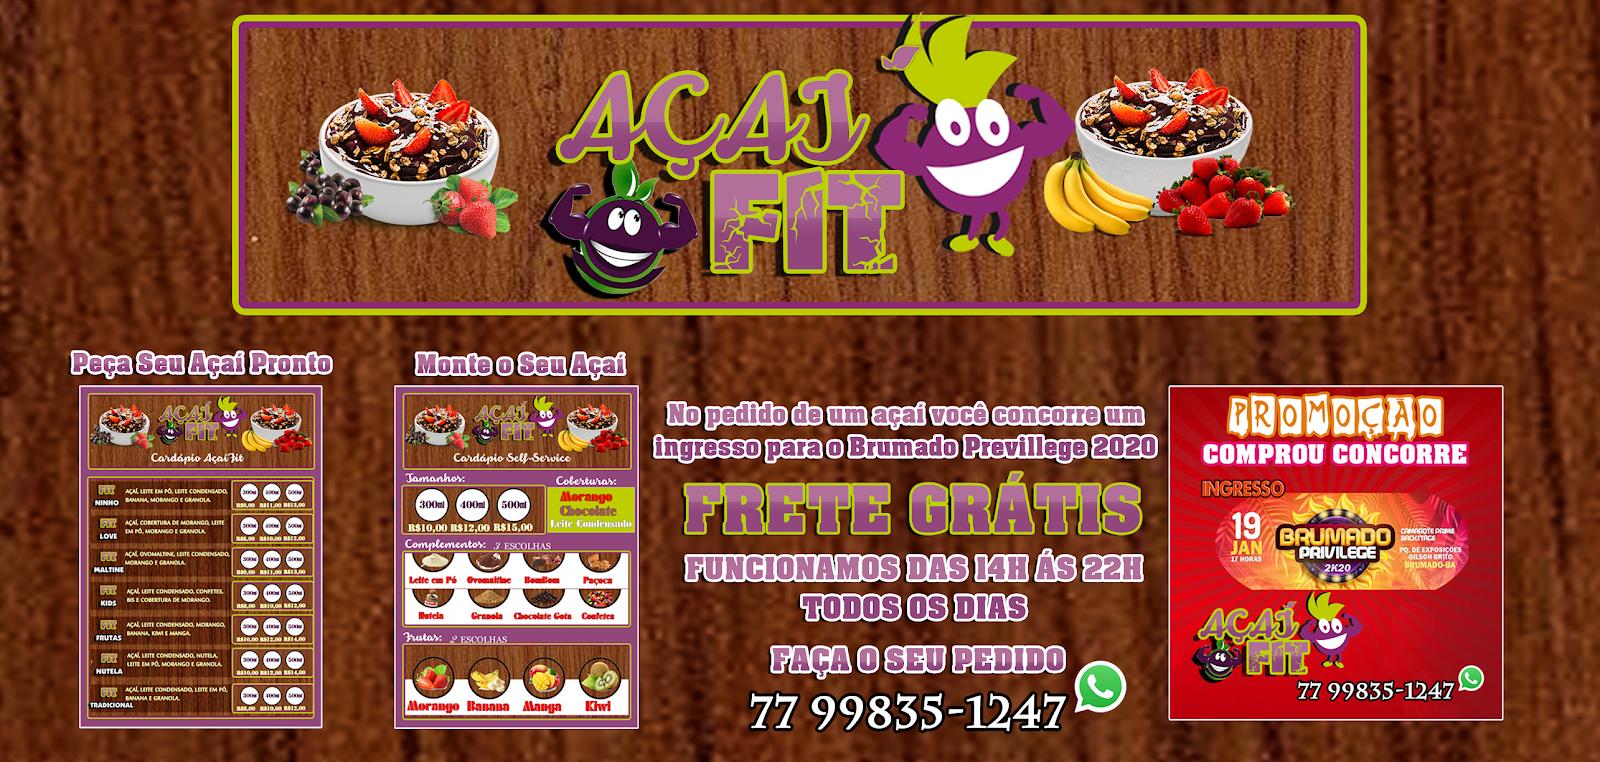 Inauguração do Açaí Fit acontece hoje (13) em Brumado.